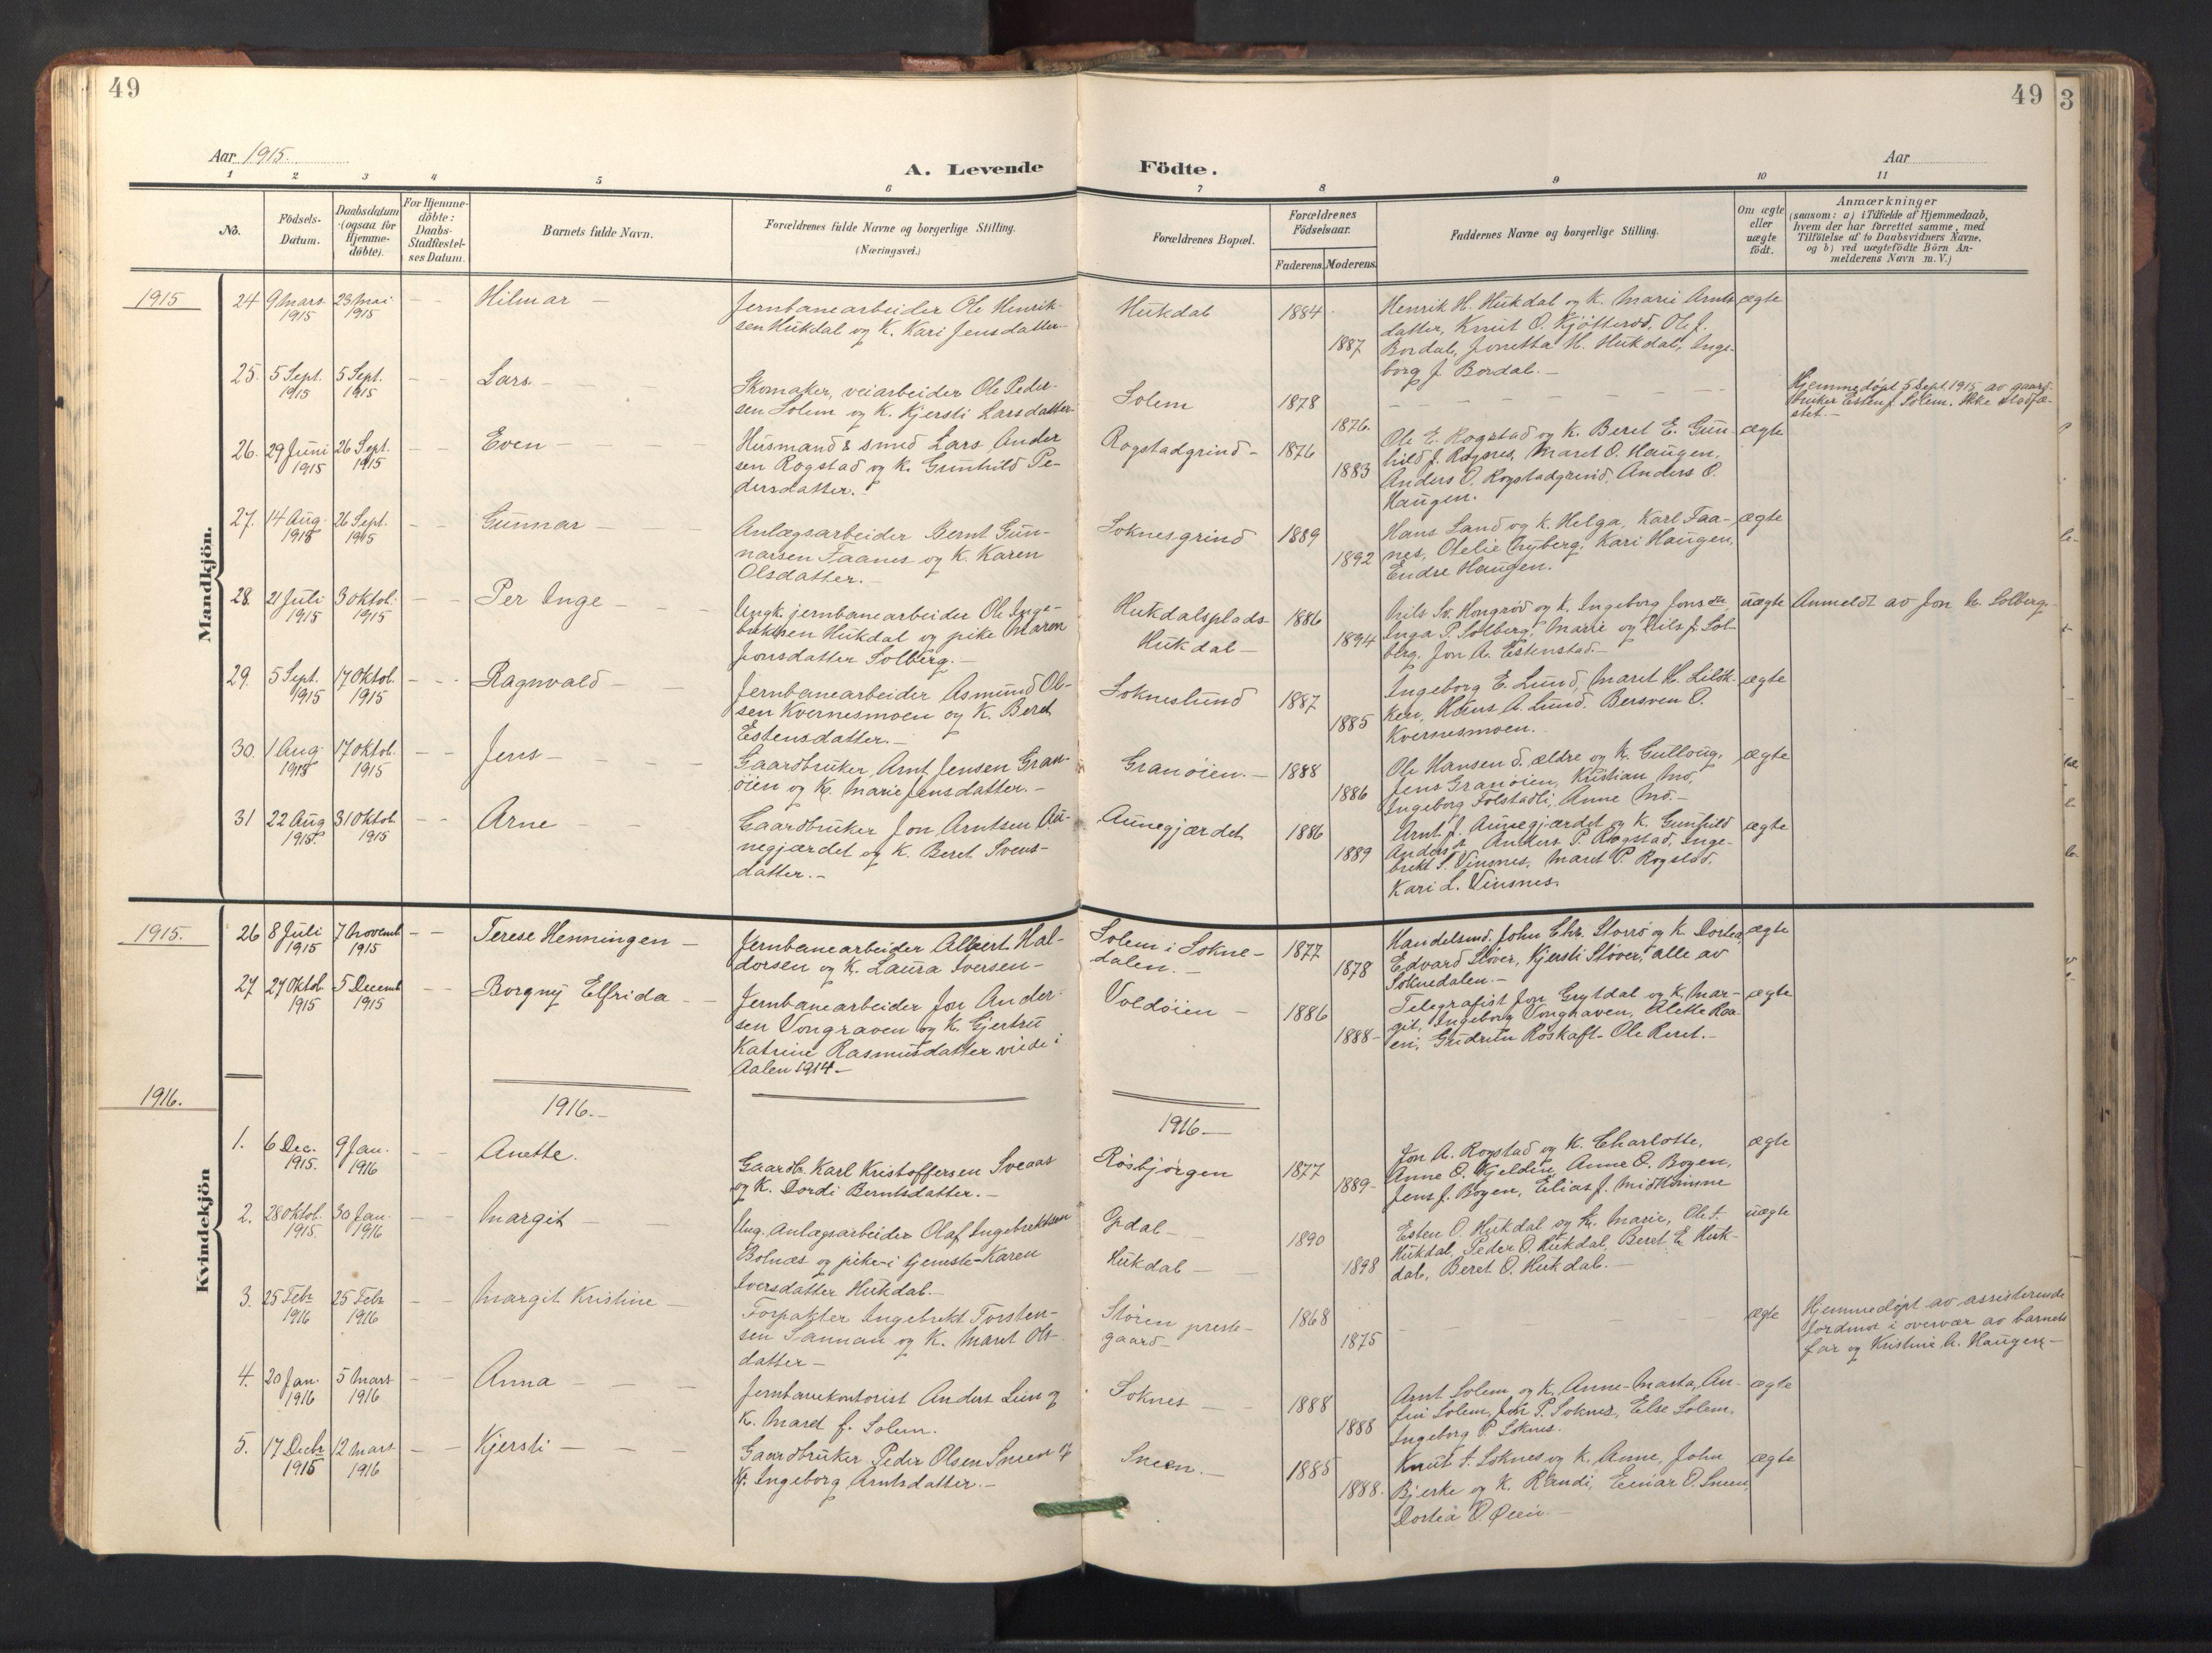 SAT, Ministerialprotokoller, klokkerbøker og fødselsregistre - Sør-Trøndelag, 687/L1019: Klokkerbok nr. 687C03, 1904-1931, s. 49